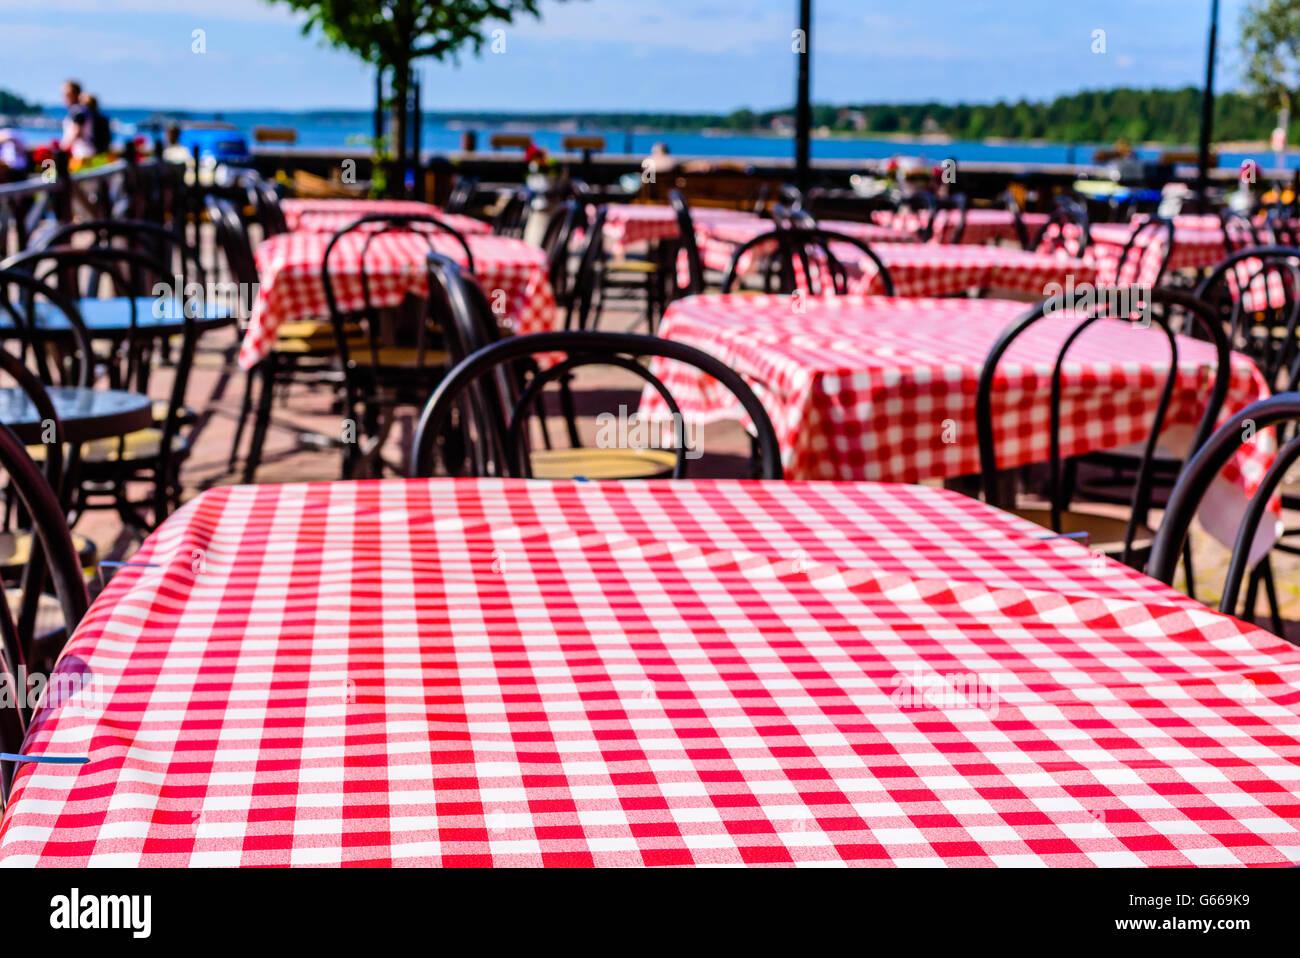 Rot-weiß karierten Tischdecken in einer Outdoor-lokal mit Küste im Hintergrund. Kopieren Sie Speicherplatz Stockbild